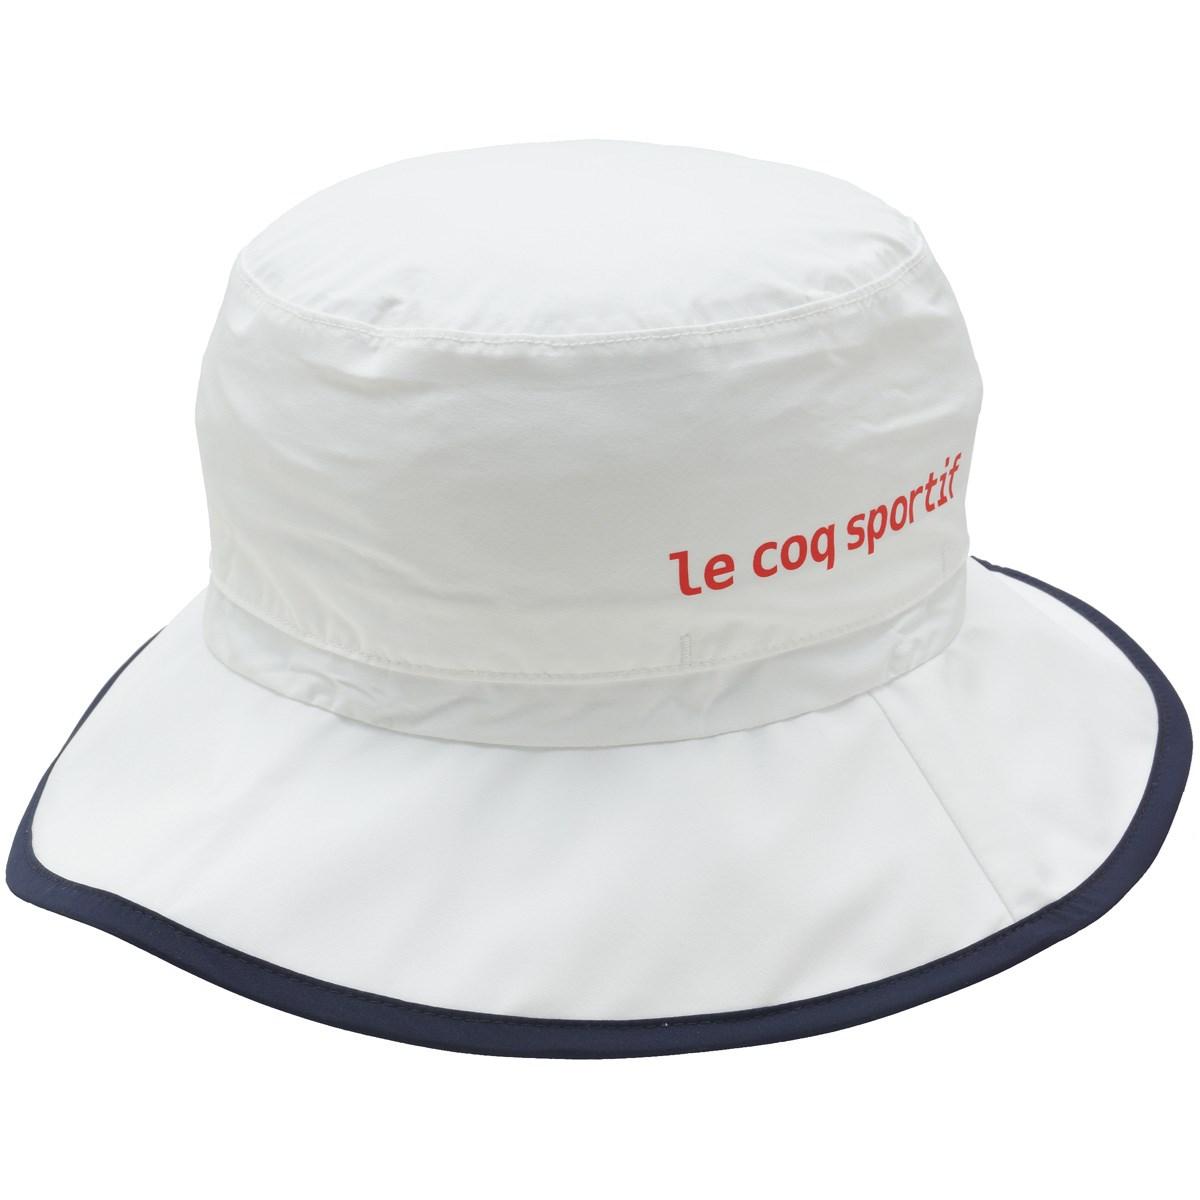 ルコックゴルフ Le coq sportif GOLF レインハット フリー ホワイト 00 レディス